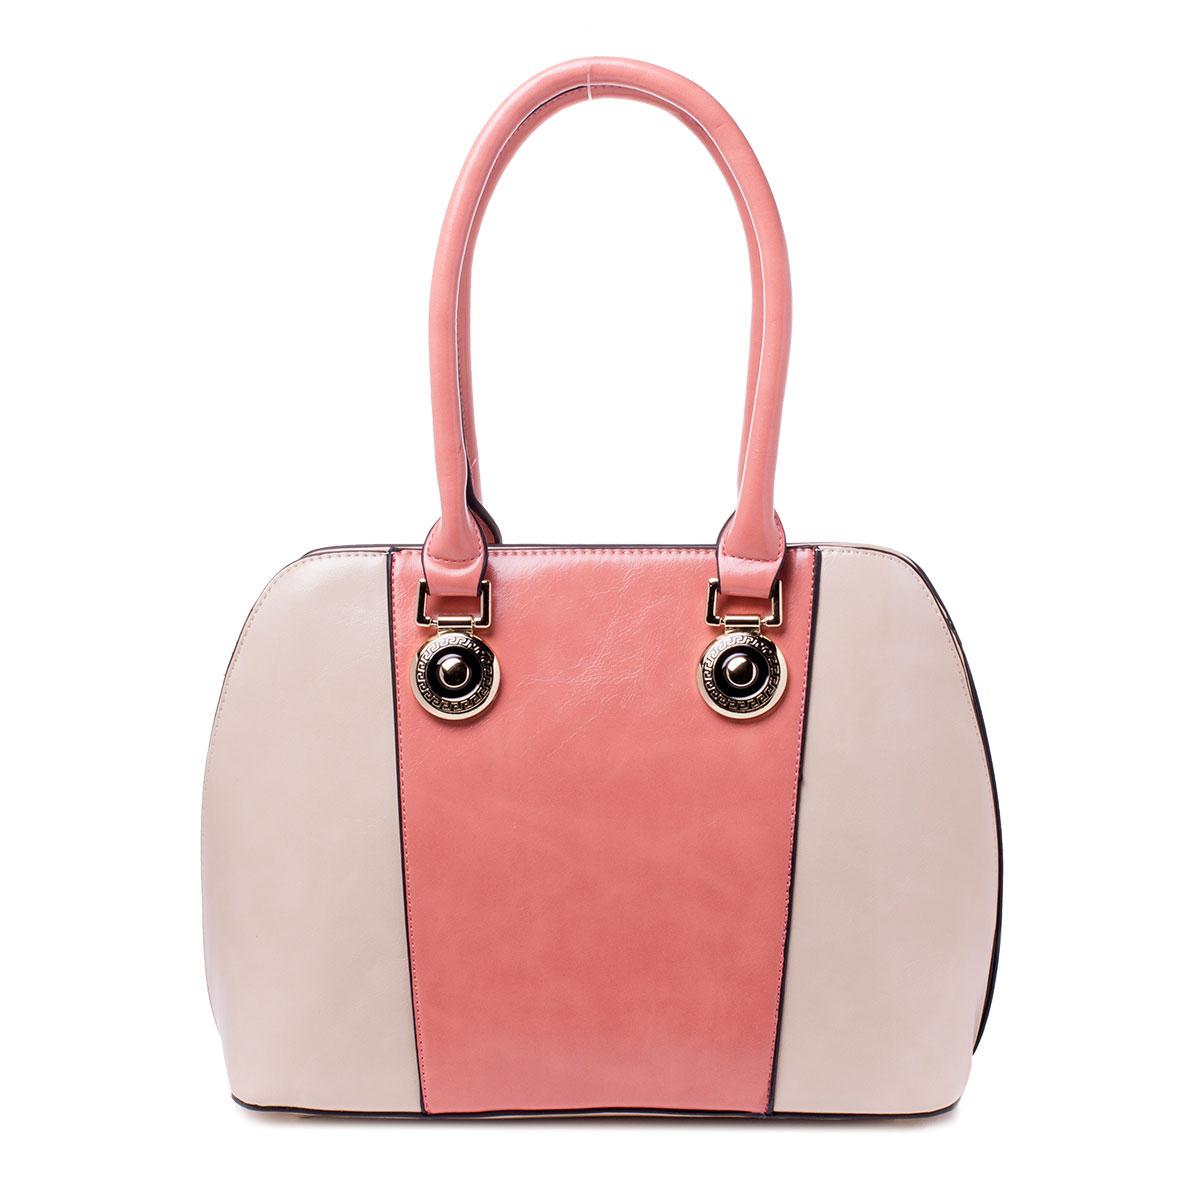 Сумка женская Baggini, цвет: розовый. 29798/6329798/63Сумка жен., иск. кожа